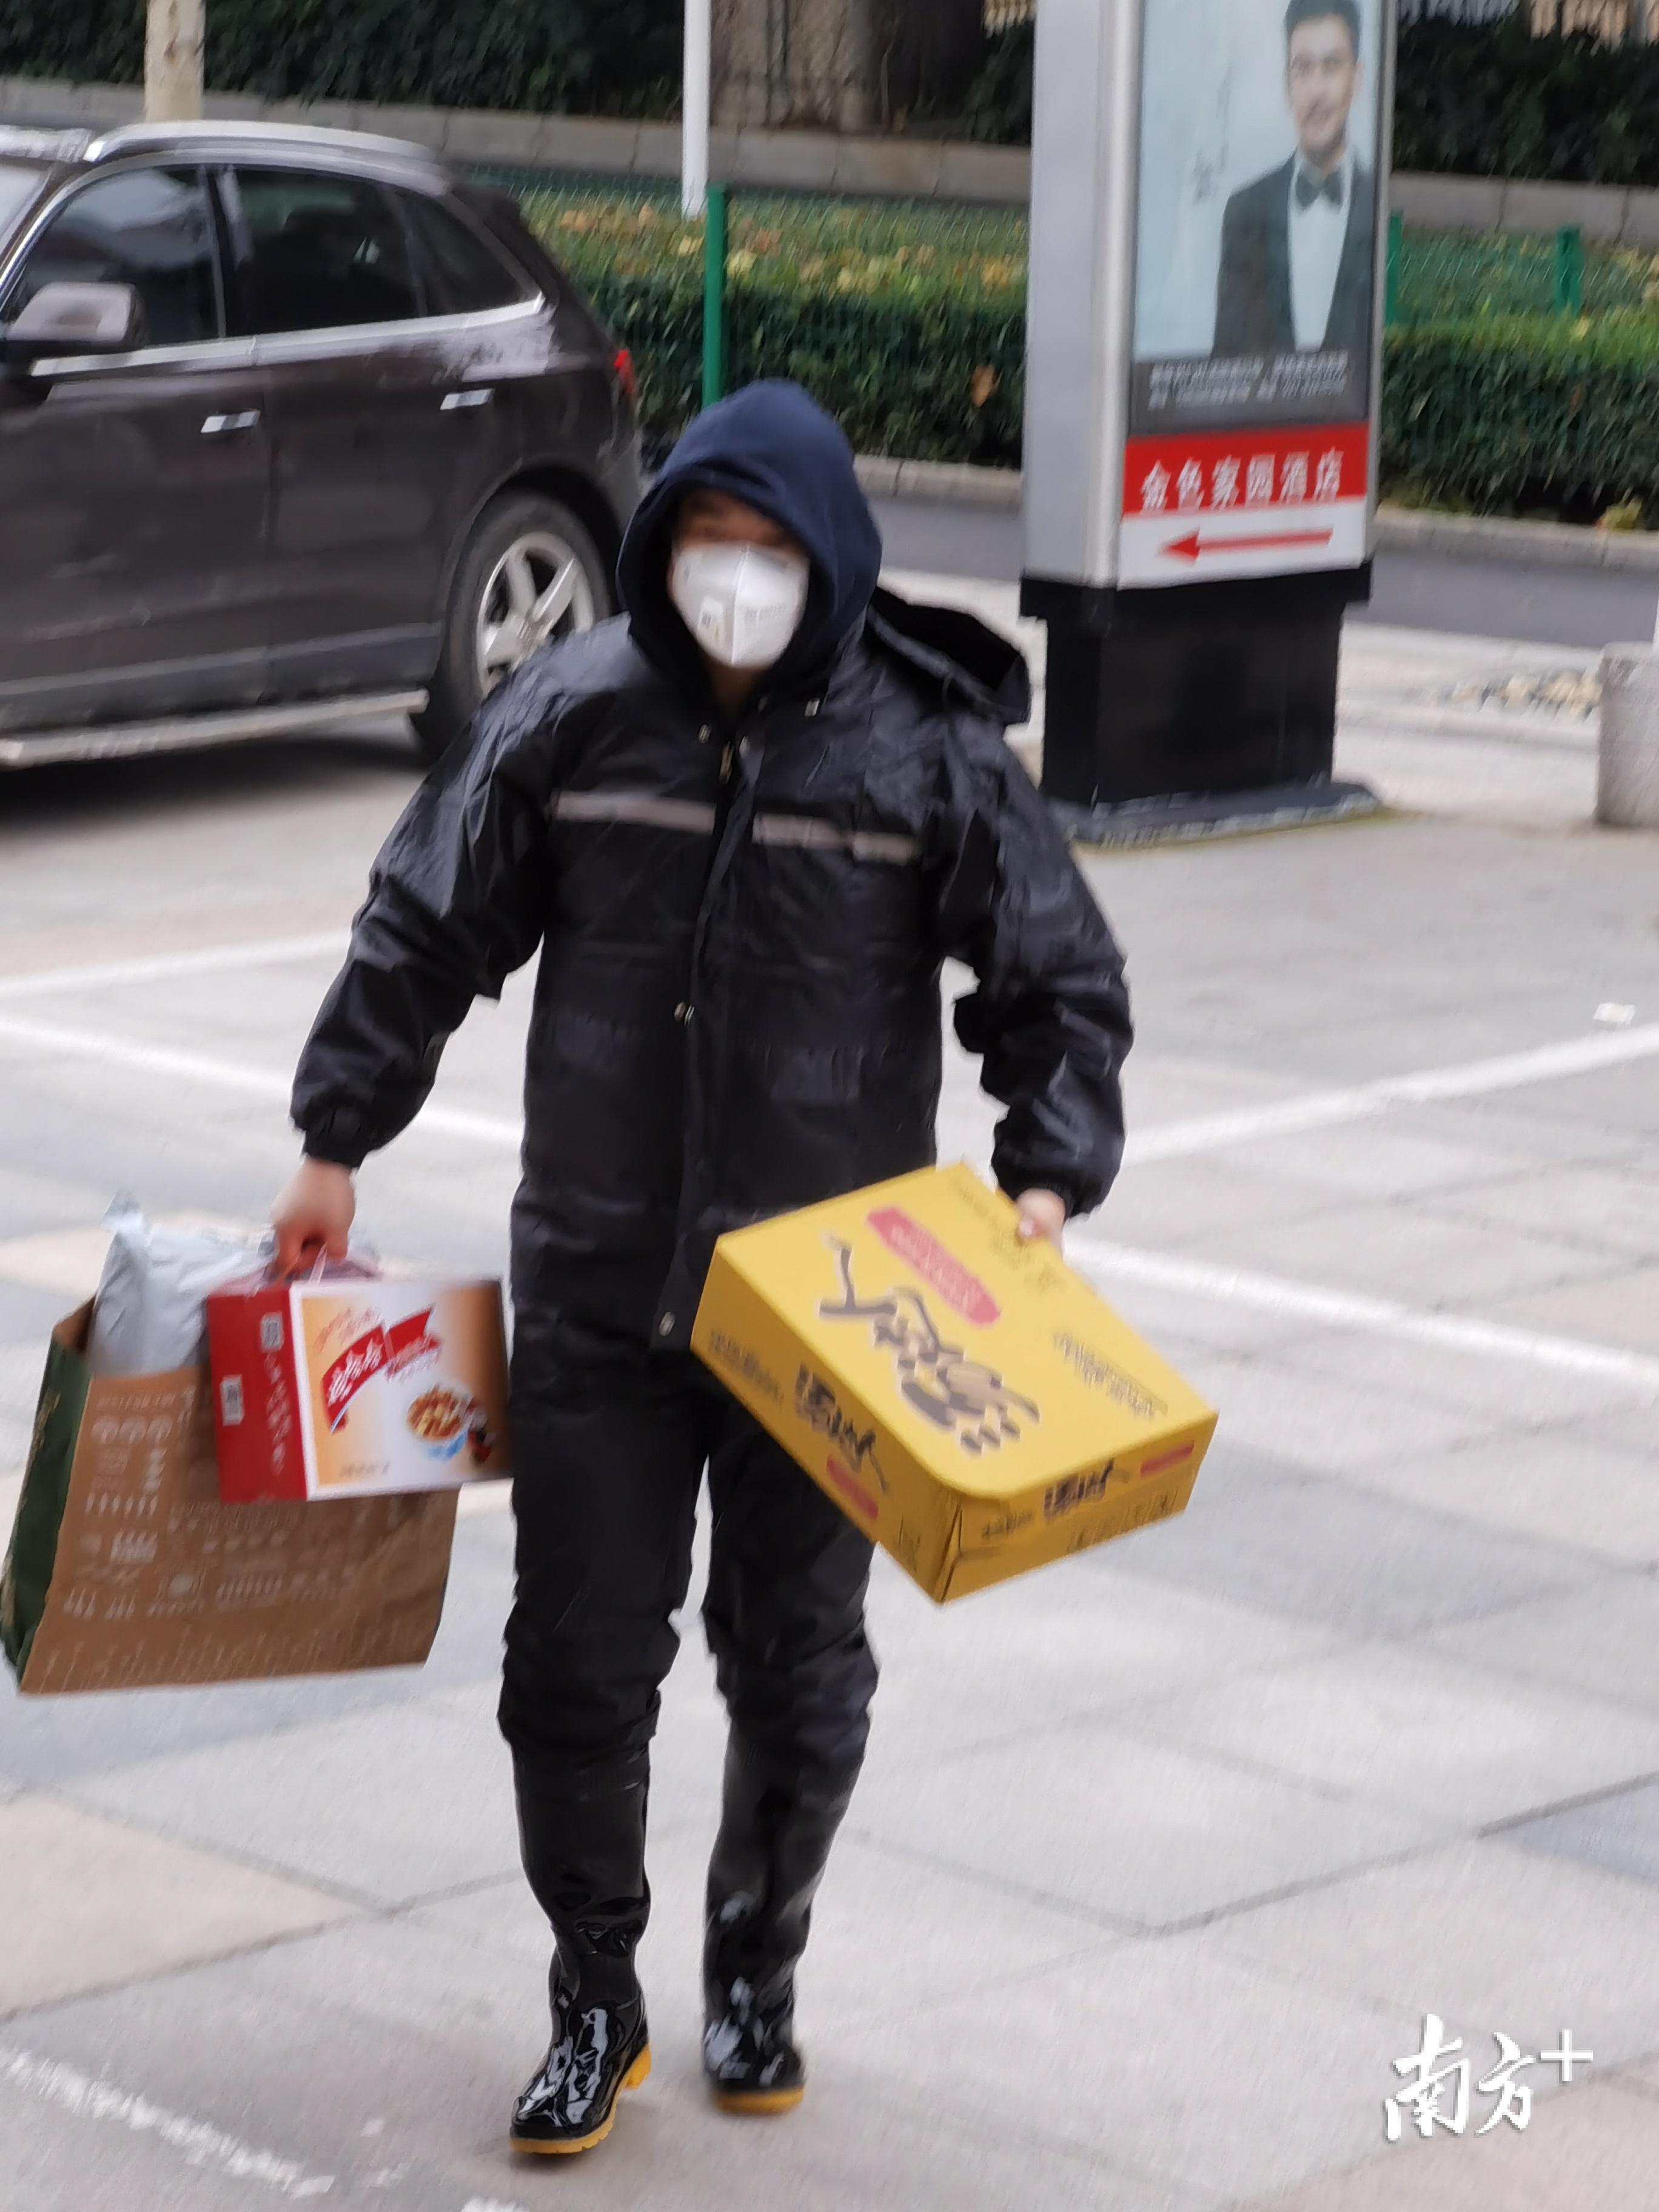 炸金花下载:谢谢你!广东援湖北医疗队寻找武汉好心人